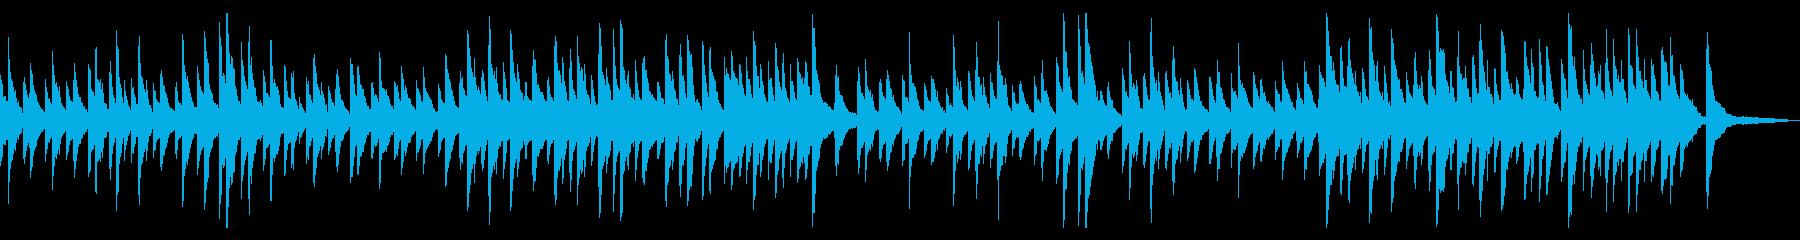 ジムノペディ ピアノ 普通の速さの再生済みの波形